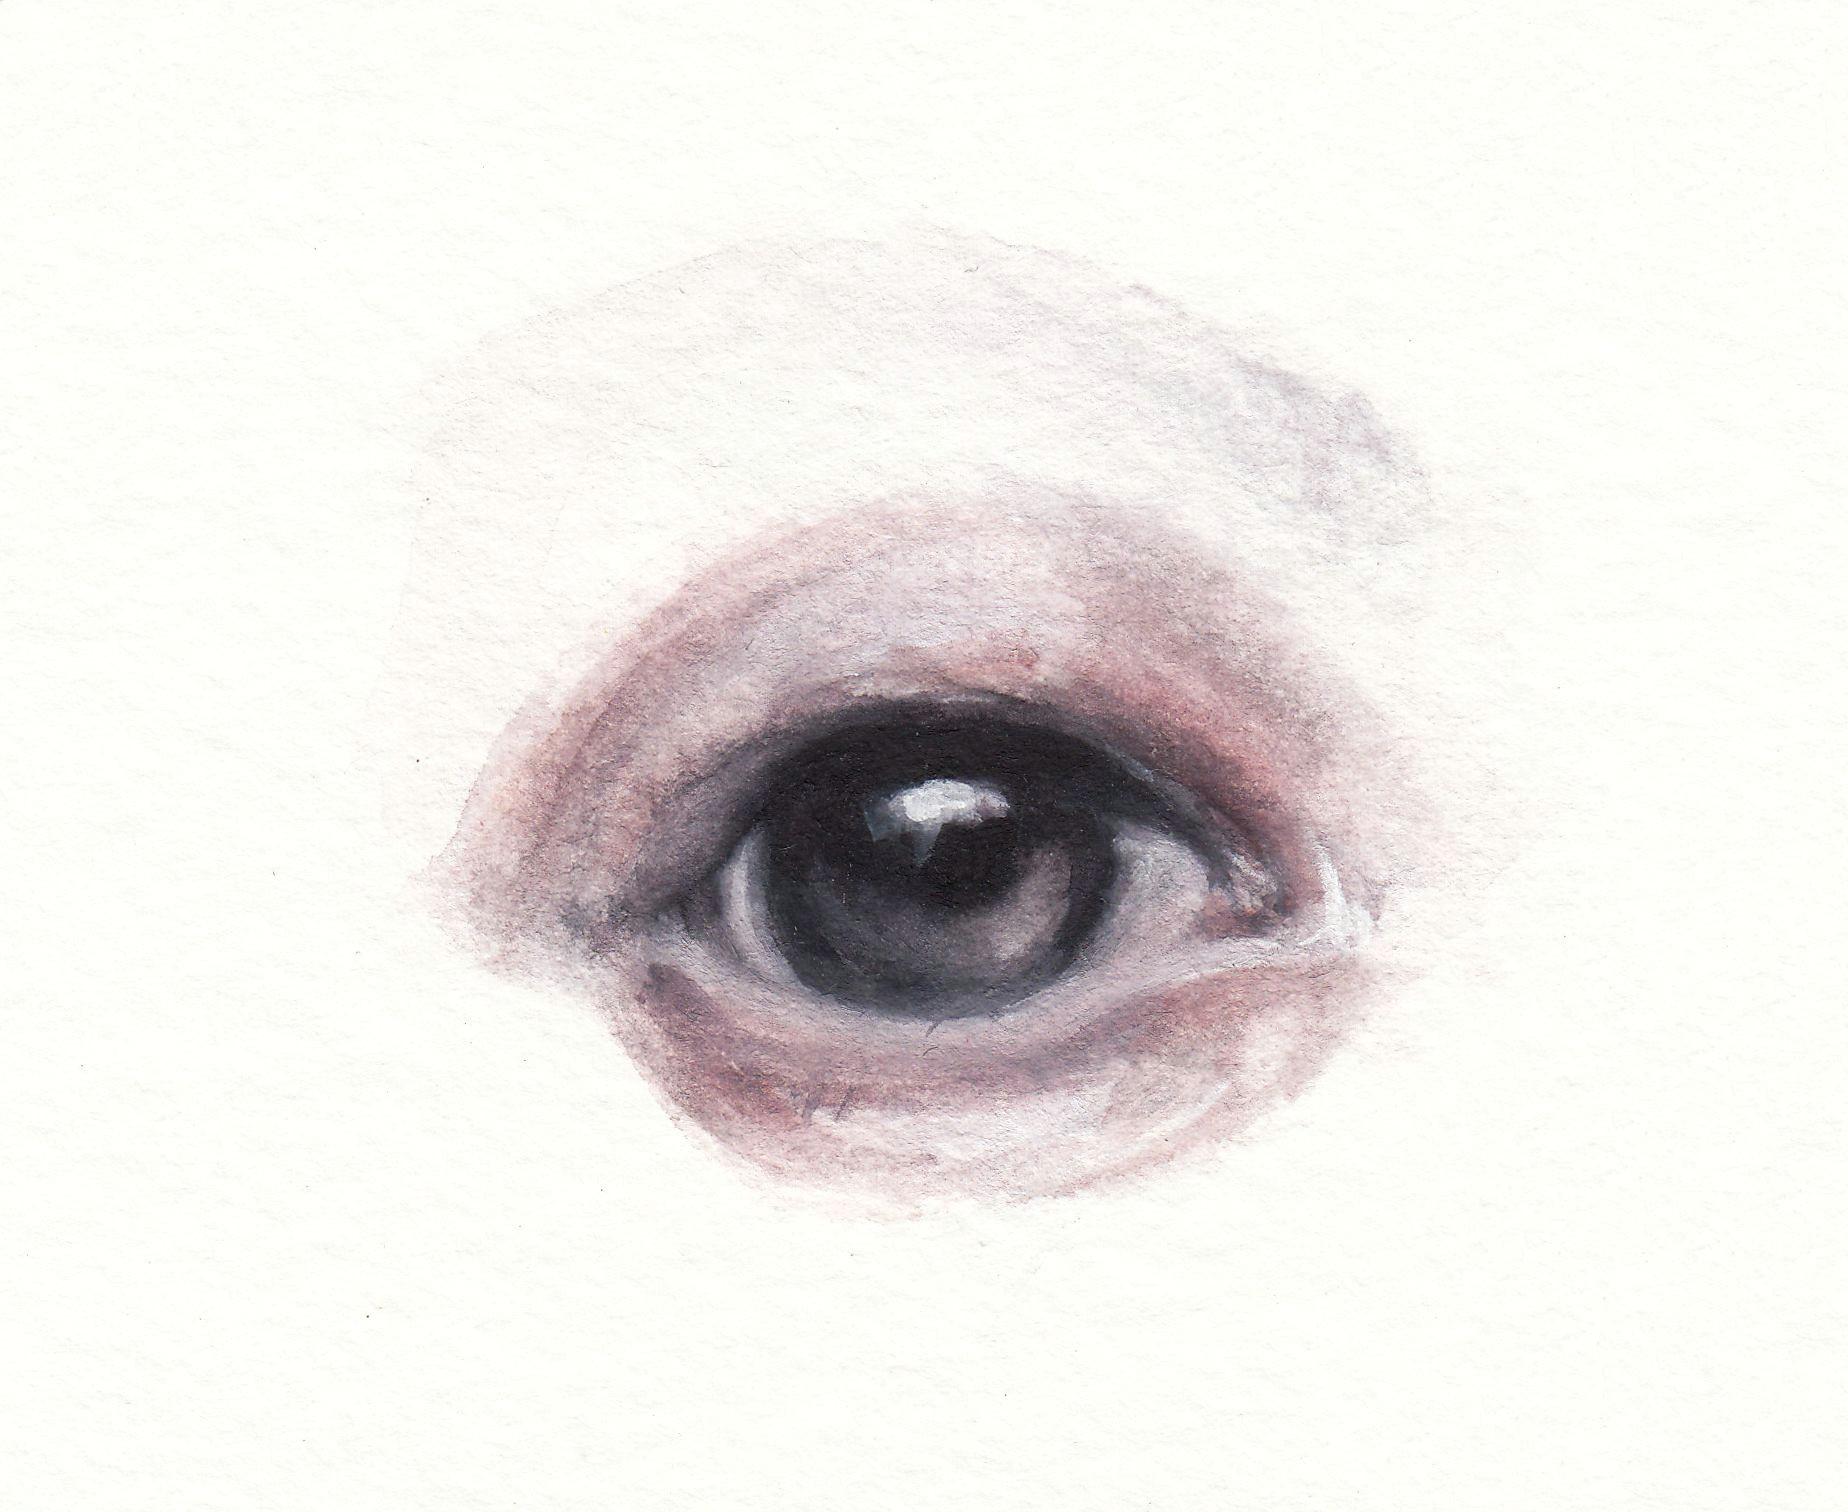 watercolor aquarelle eyes beauty makeup portrait fashion illustration